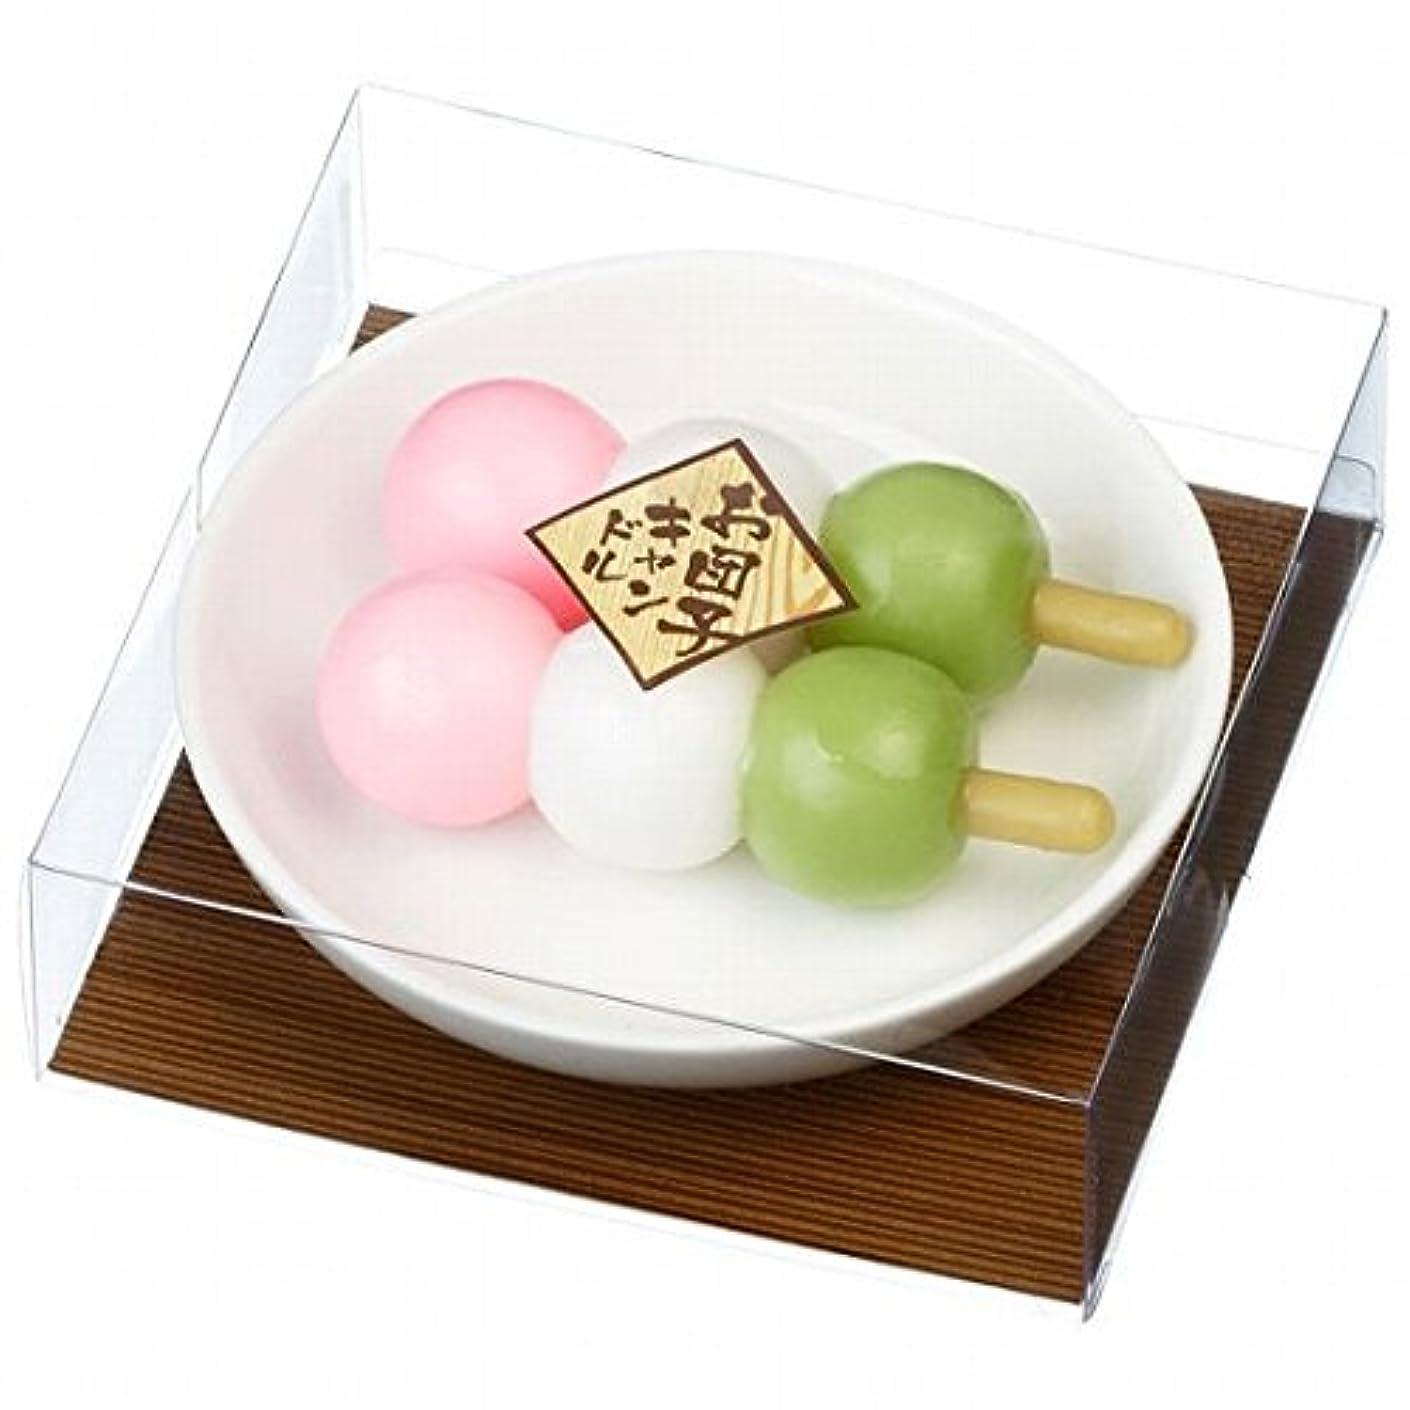 衝突するまぶしさ違うカメヤマキャンドル(kameyama candle) お団子キャンドル